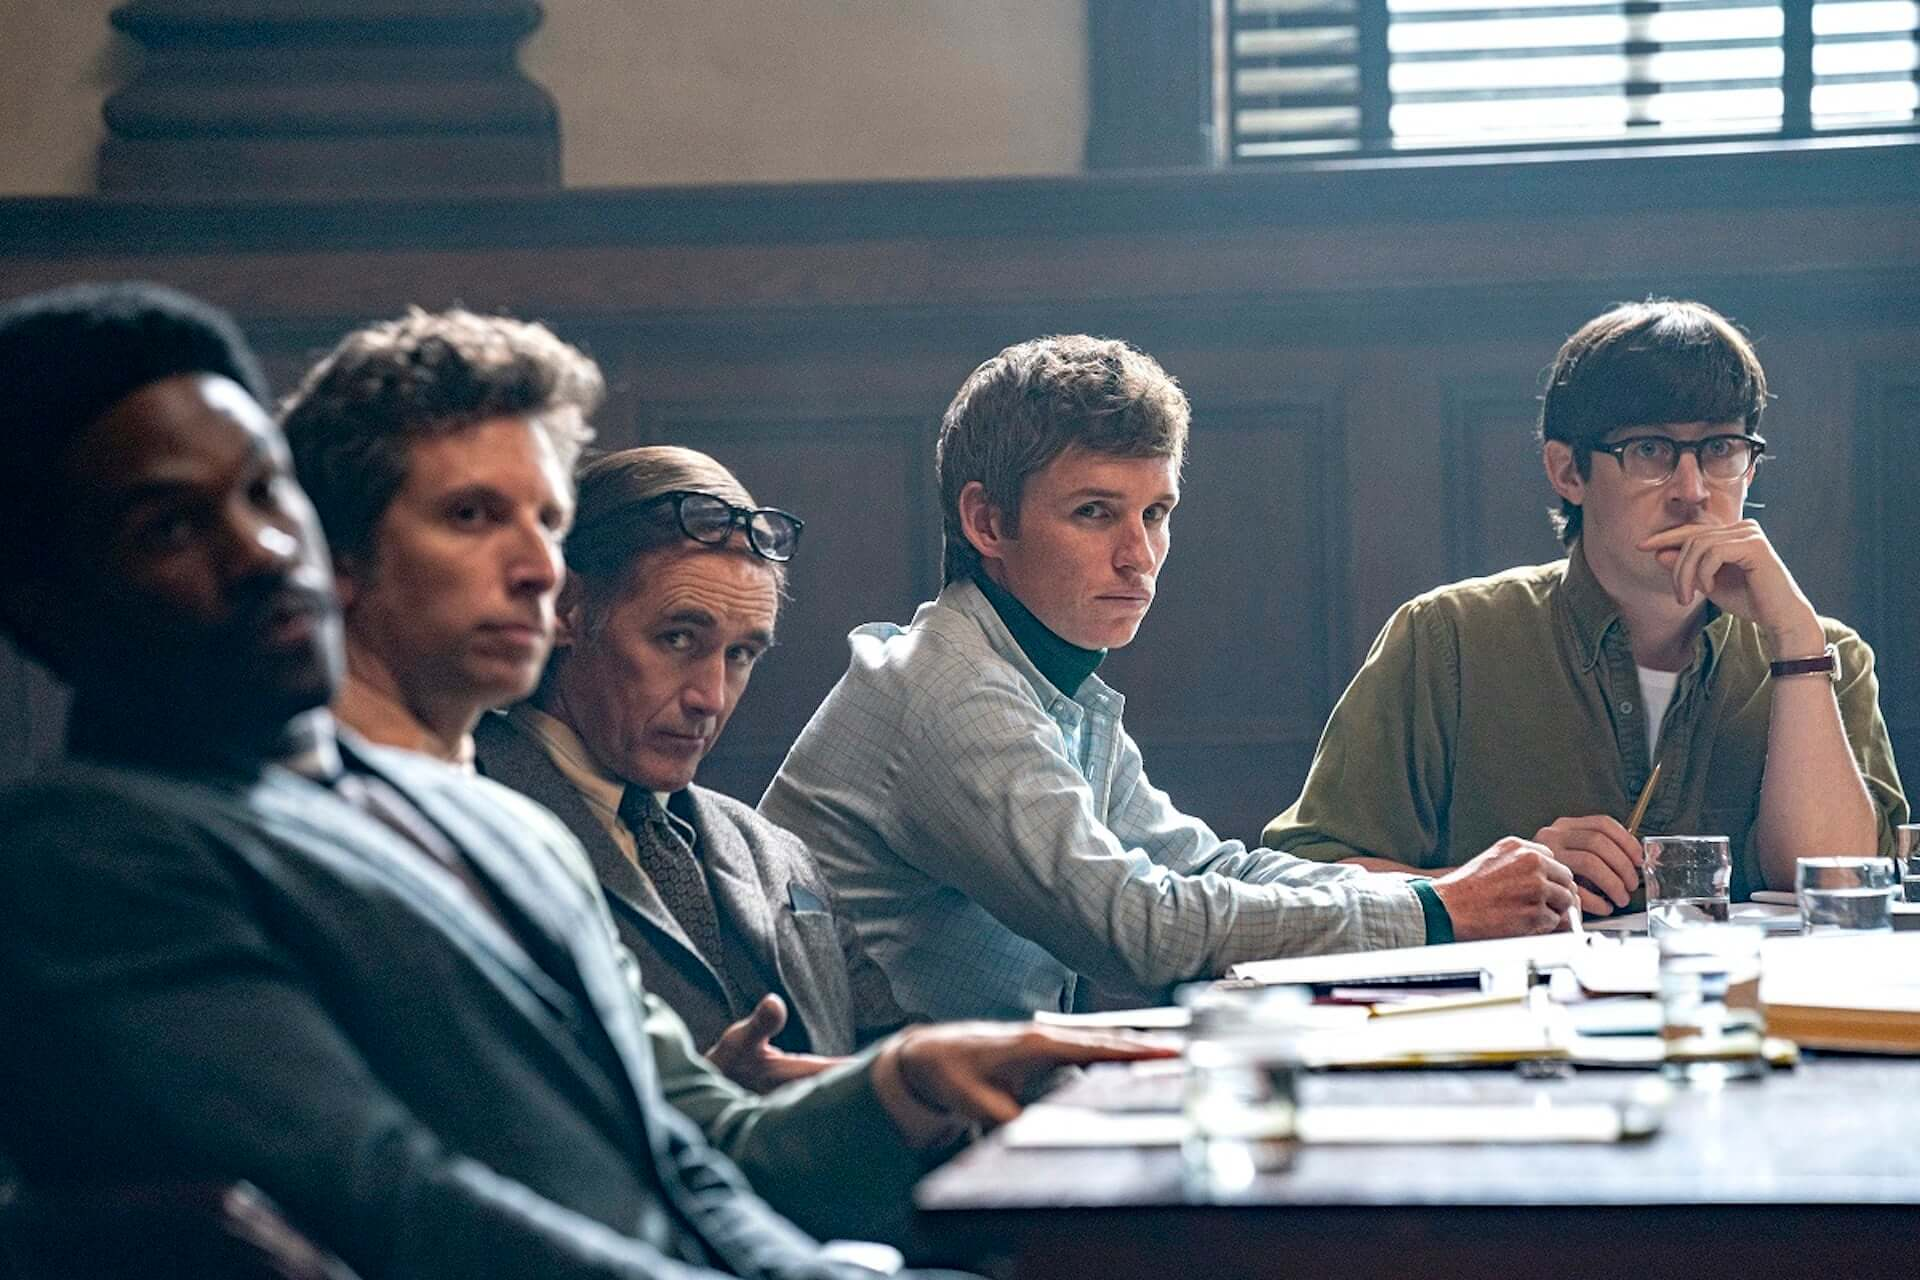 Netflixがアカデミー賞で最多16作品・38ノミネートを達成!『Mank/マンク』『シカゴ7裁判』『マ・レイニーのブラックボトム』などラインナップ film210316_netflix_1-1920x1280